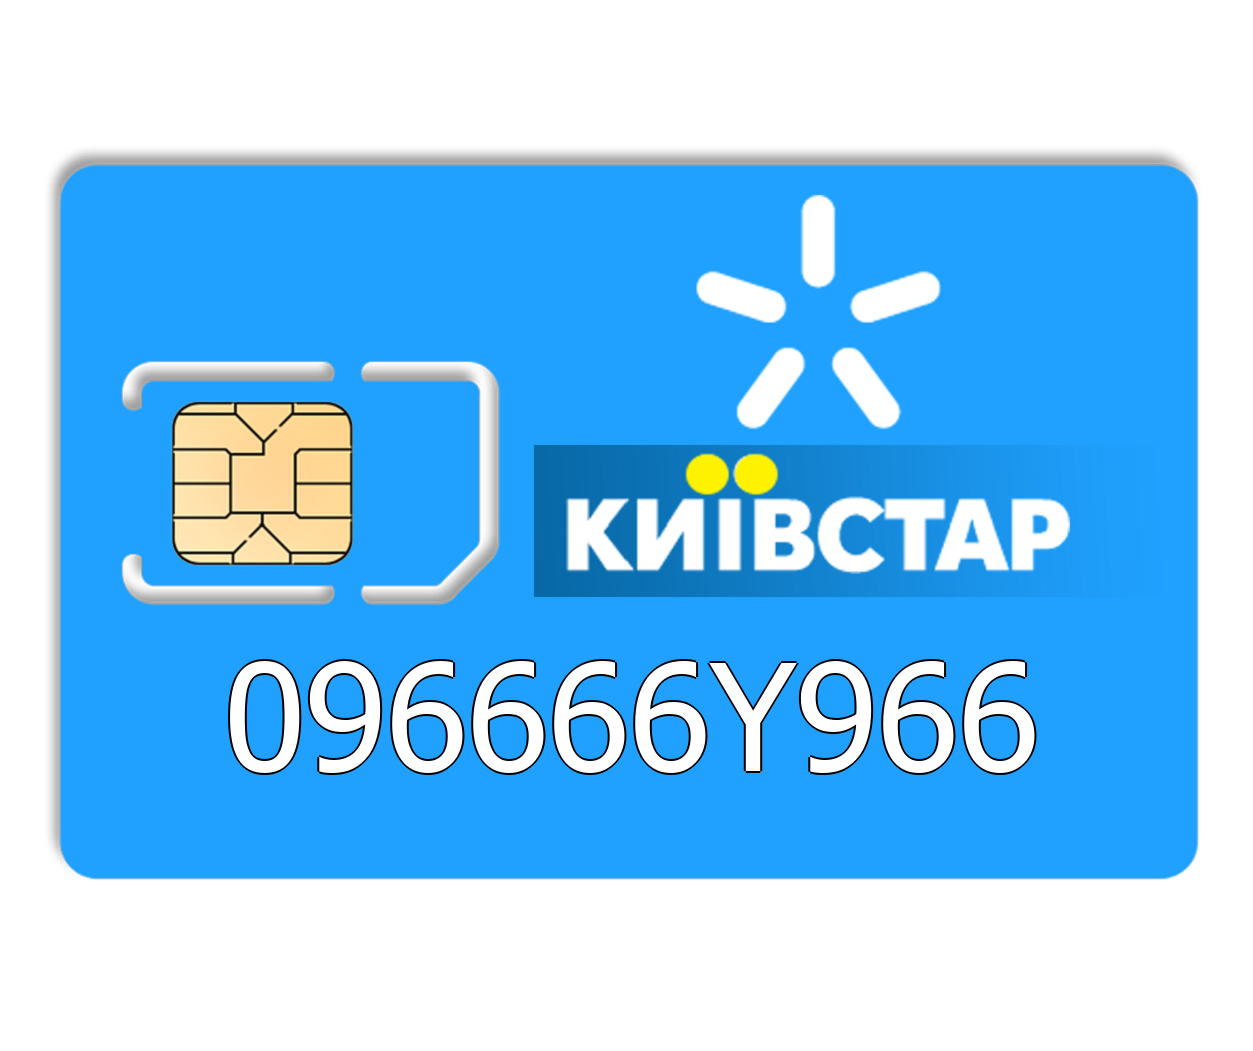 Красивый номер Киевстар 096666Y966